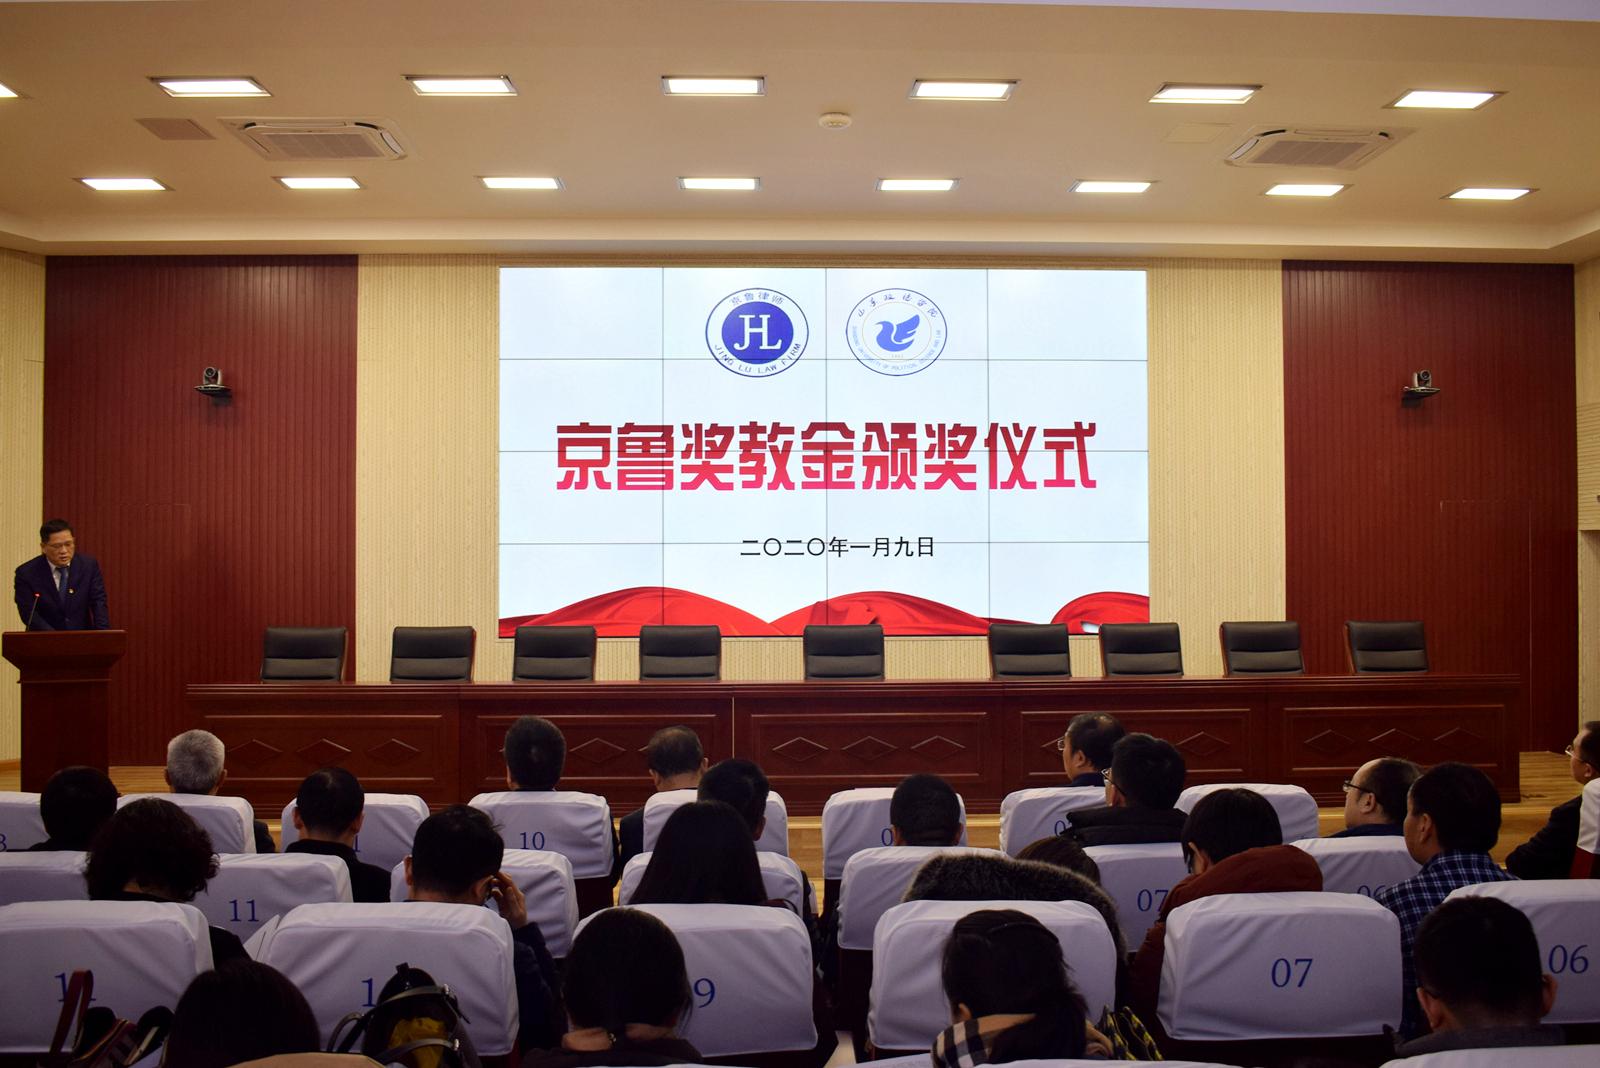 2020年度京鲁奖教金首站走进山东政法学院